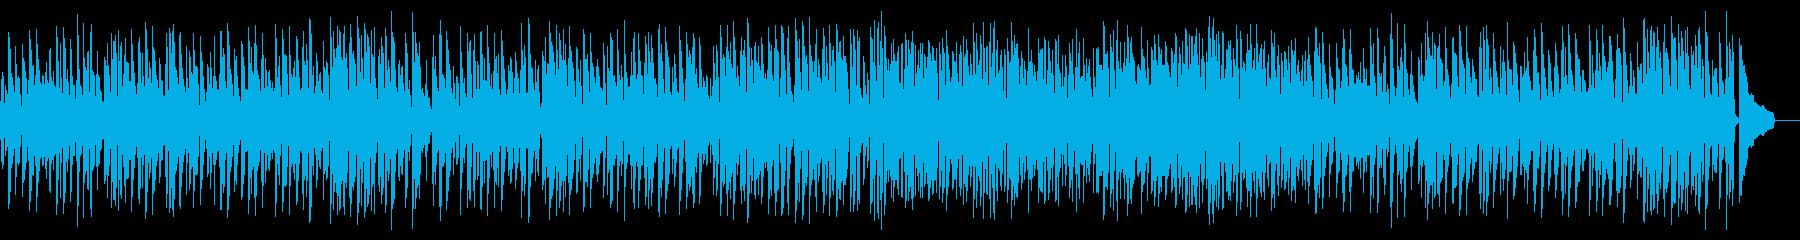 優雅で軽快なジャズピアノ名曲の再生済みの波形